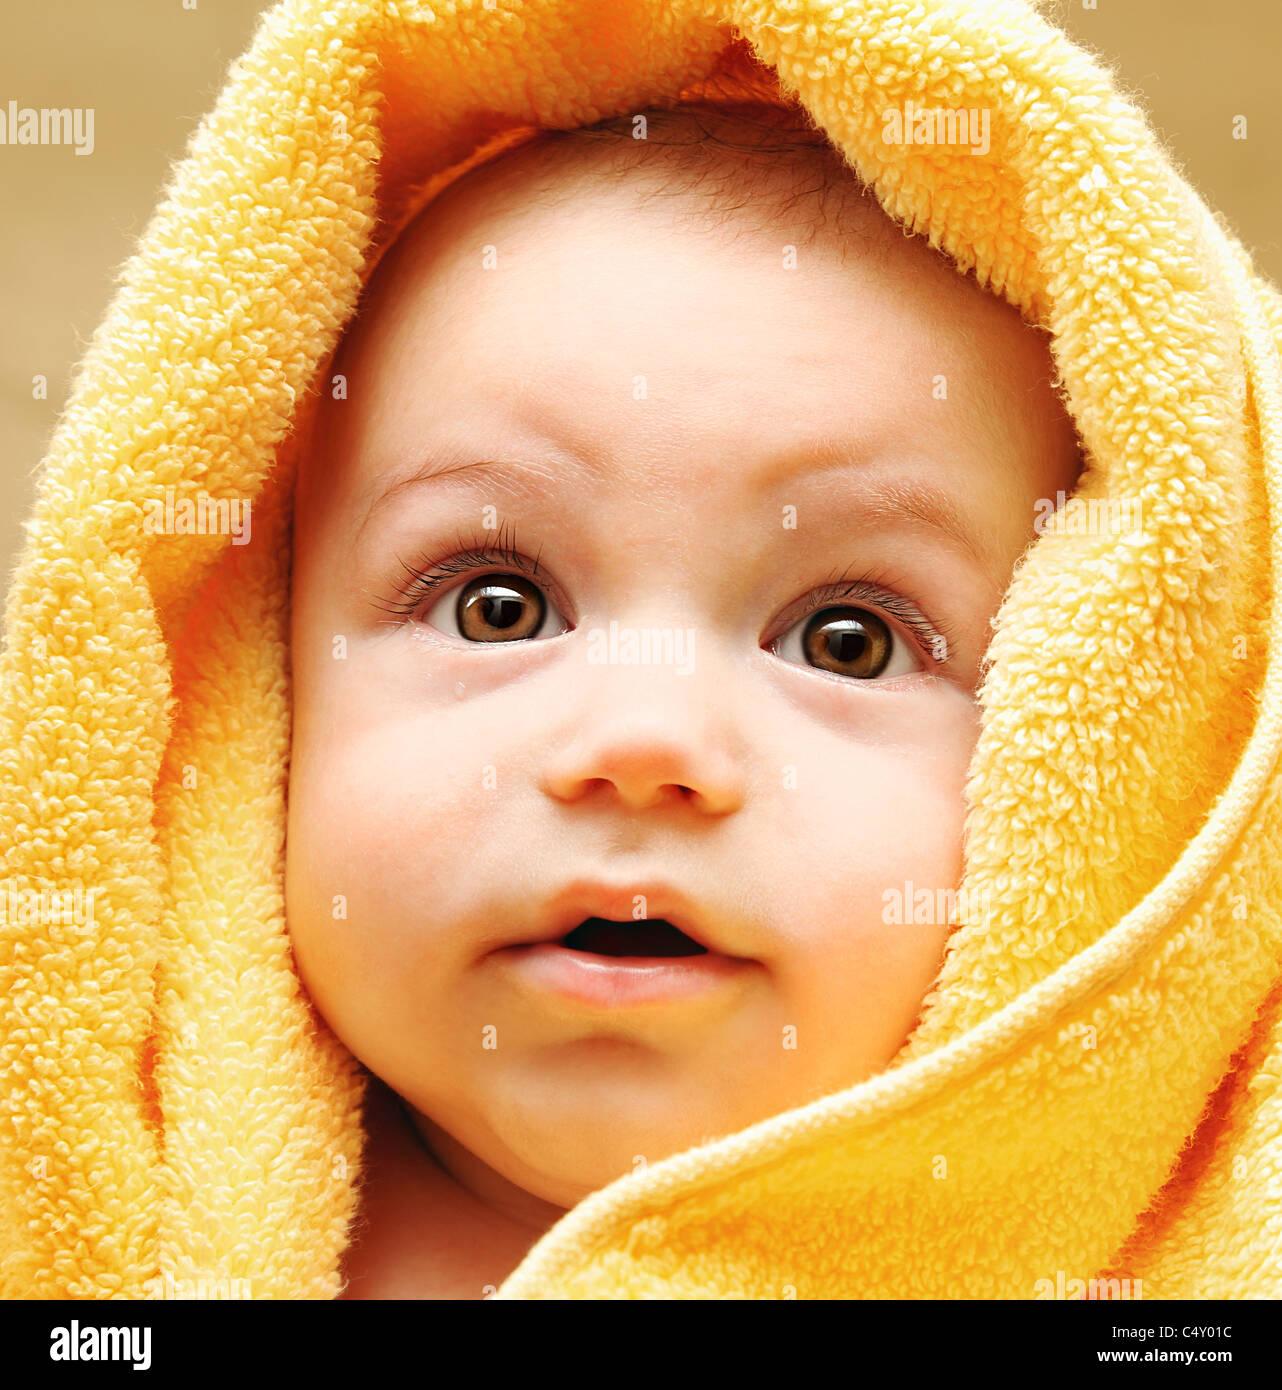 Mignon bébé visage enveloppé dans une serviette, de l'hygiène et de la santé concept Photo Stock